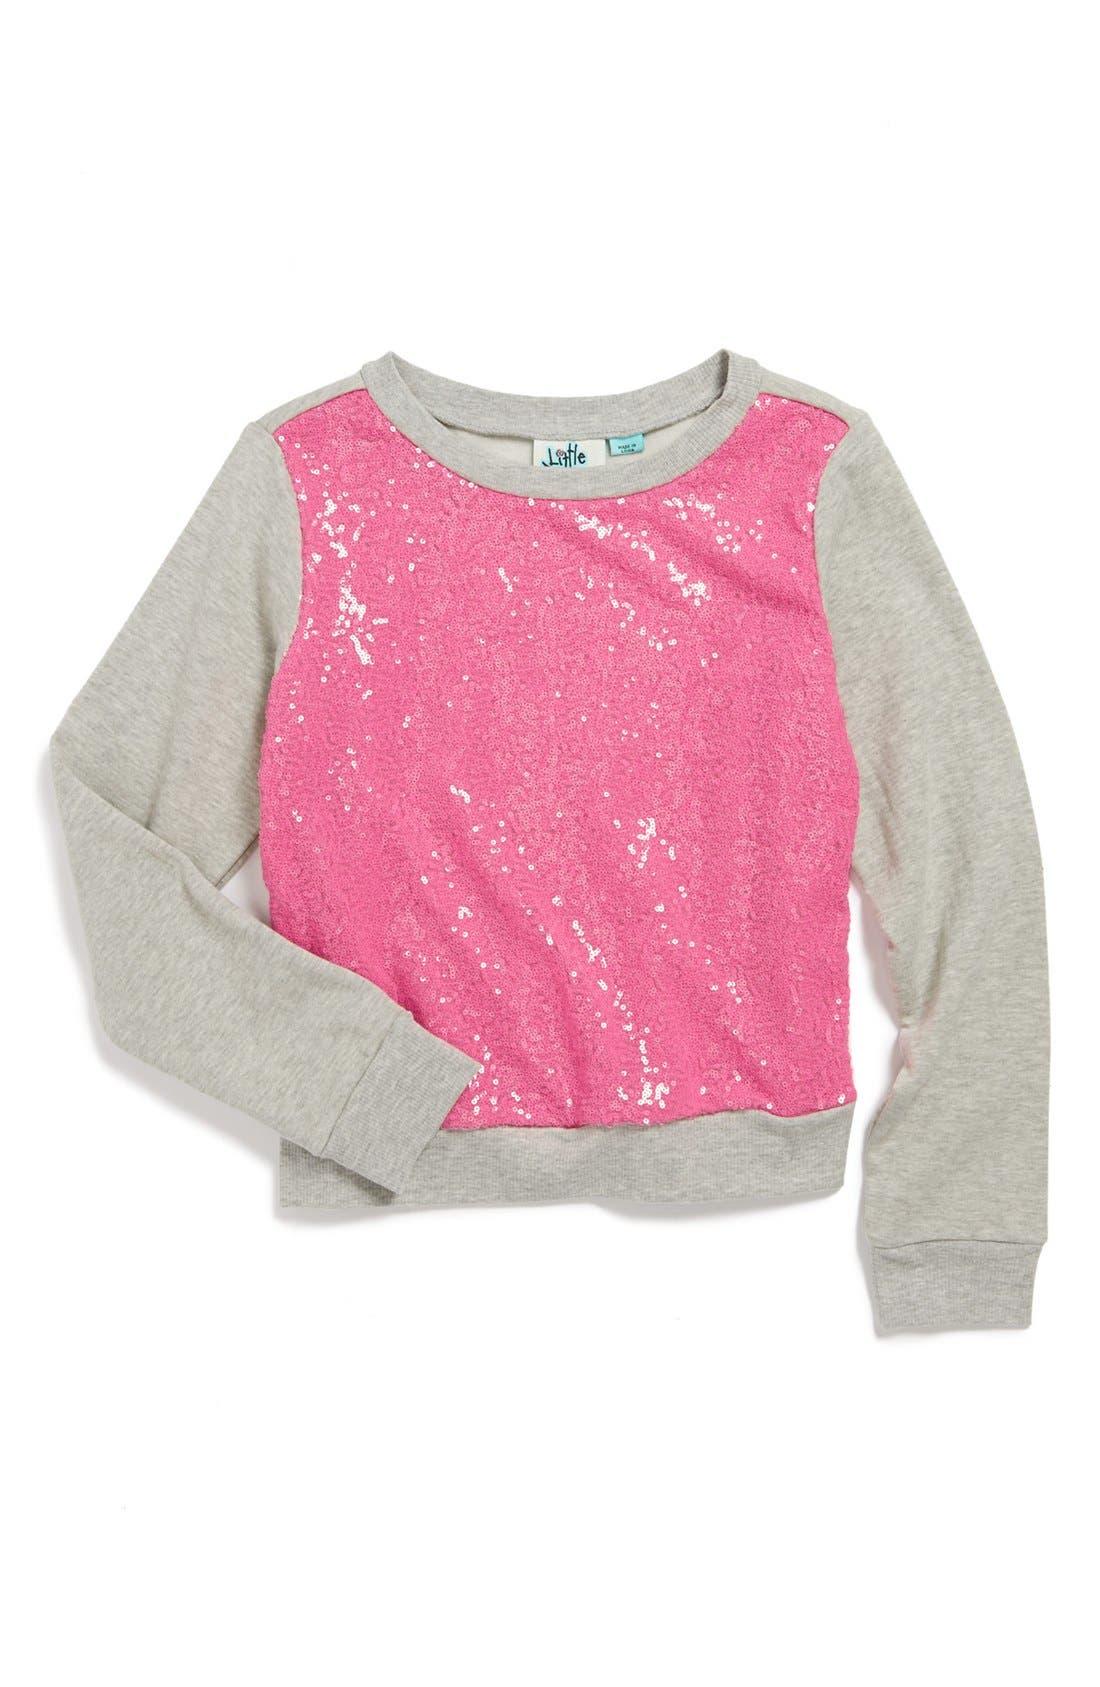 Main Image - Miken Clothing Sequin Sweatshirt (Big Girls)